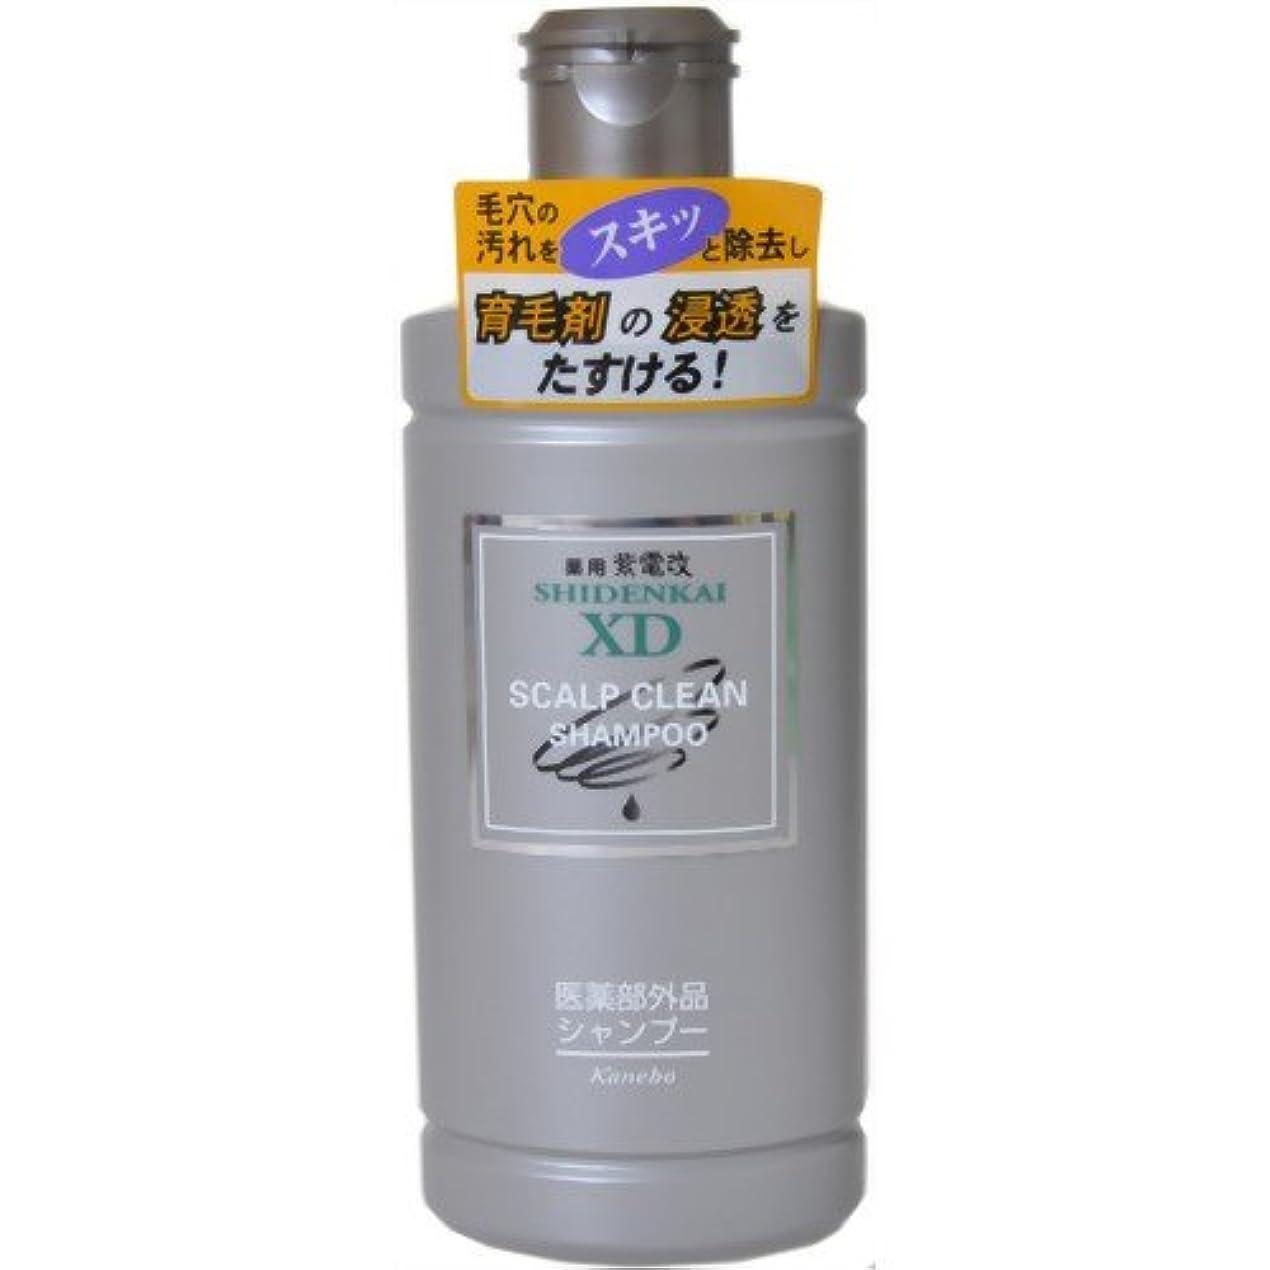 アミューズ体細胞ピークカネボウ 薬用紫電改X.Dシャンプー 250ml